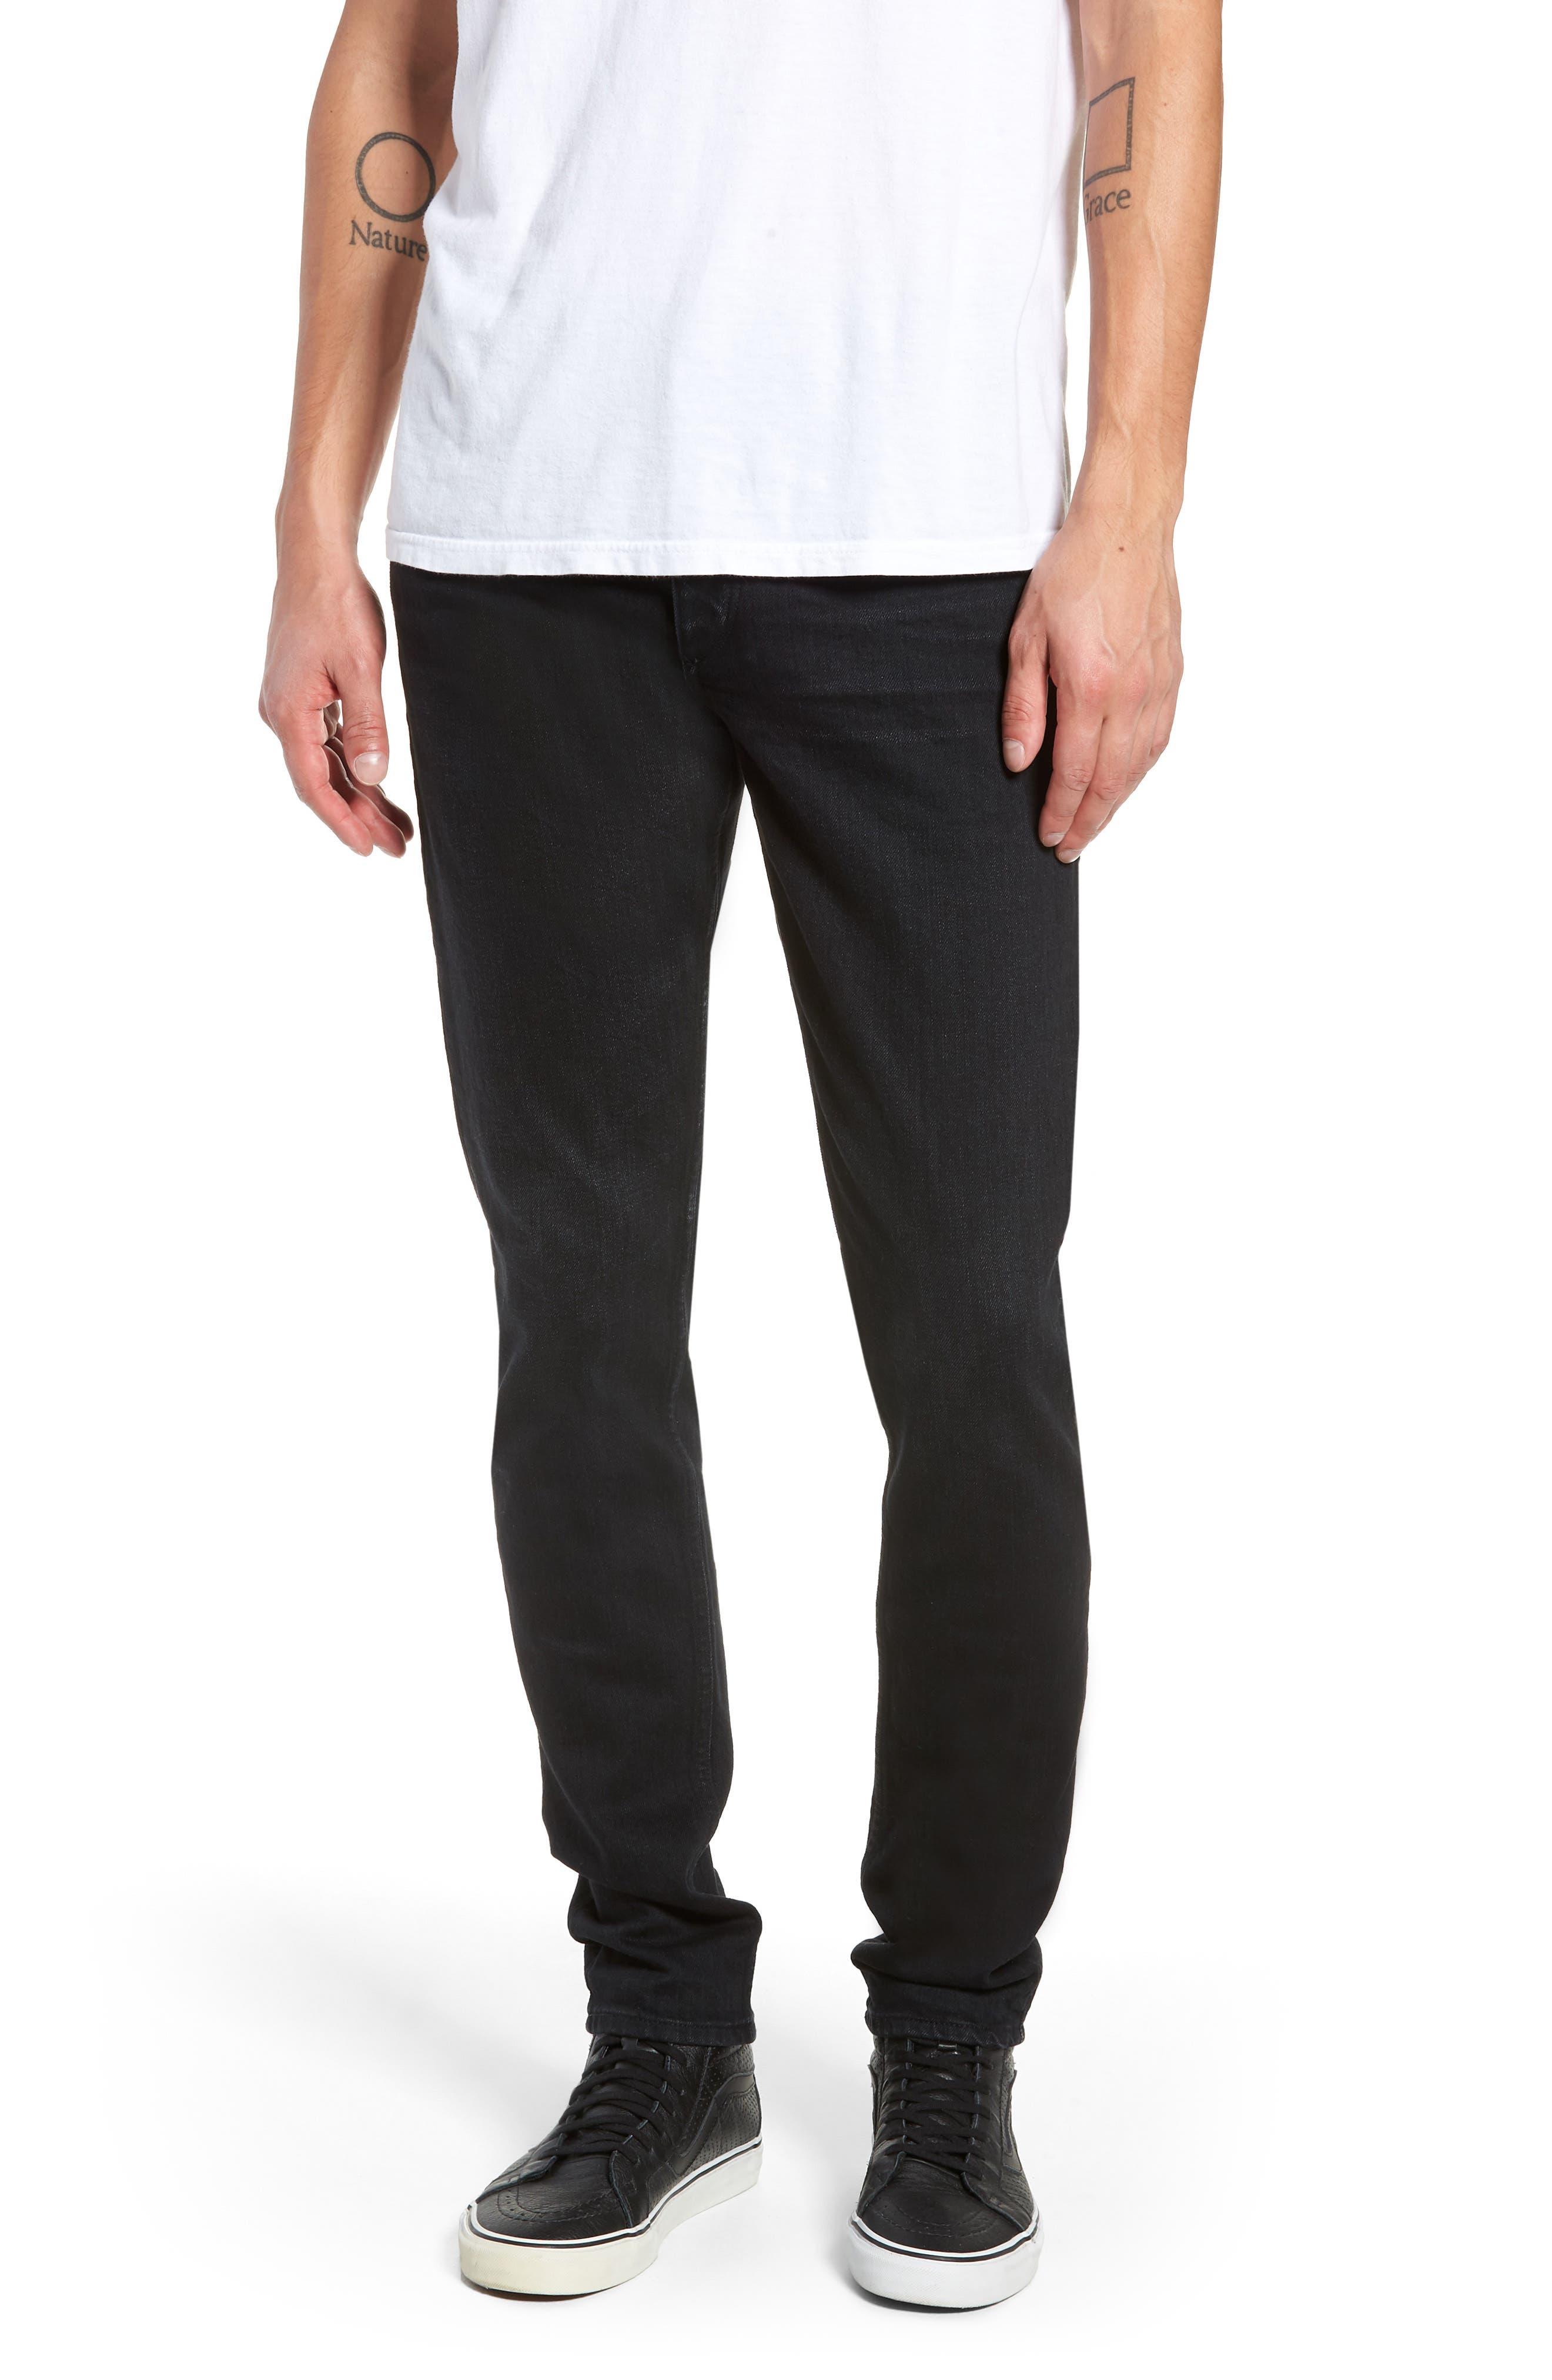 Fit 1 Skinny Fit Jeans,                             Main thumbnail 1, color,                             DEVON